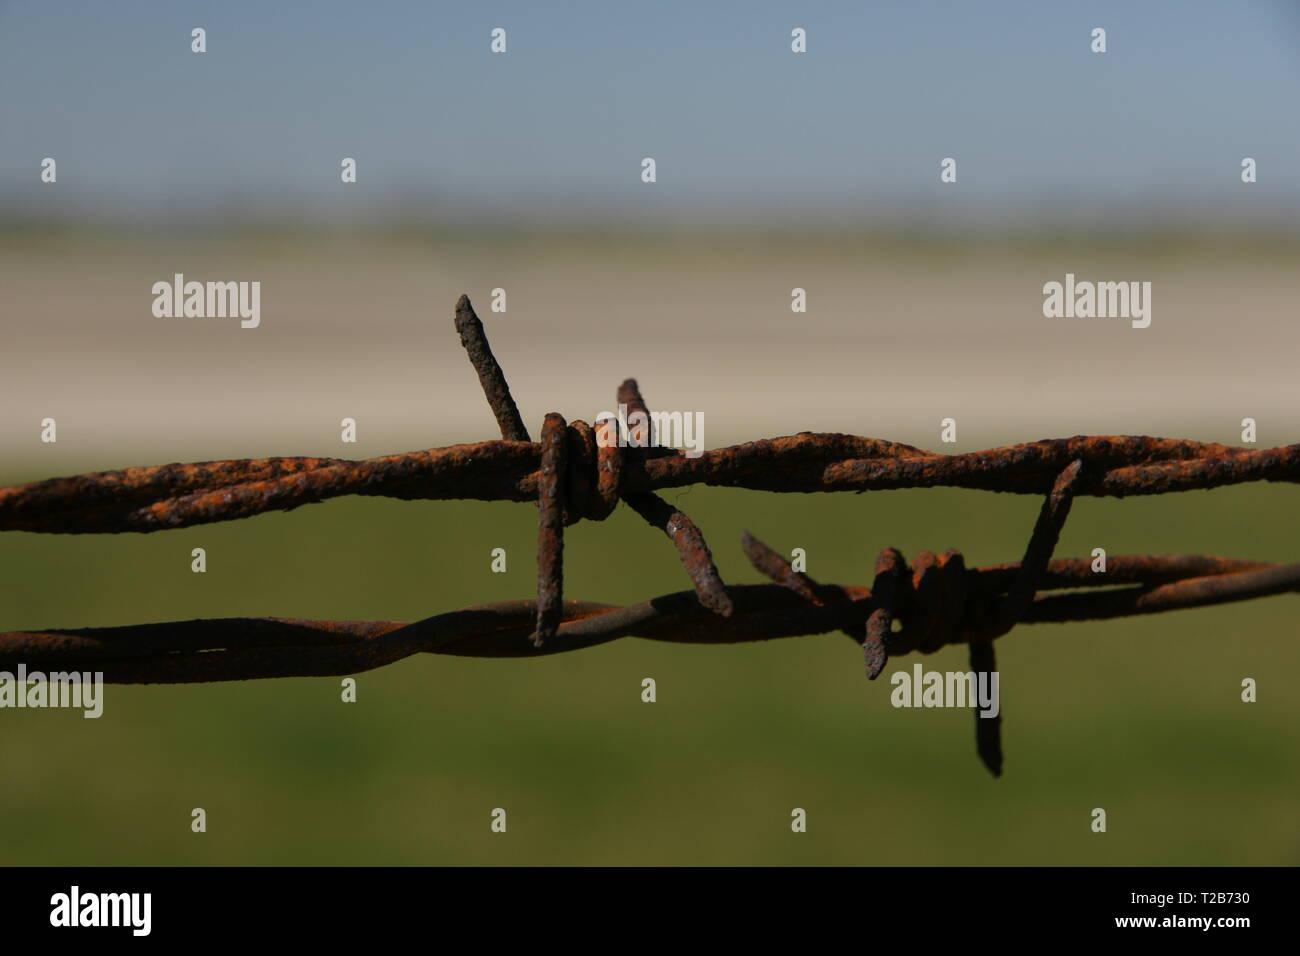 Alambre de púas alrededor del aeródromo militar de la guerra fría Imagen De Stock